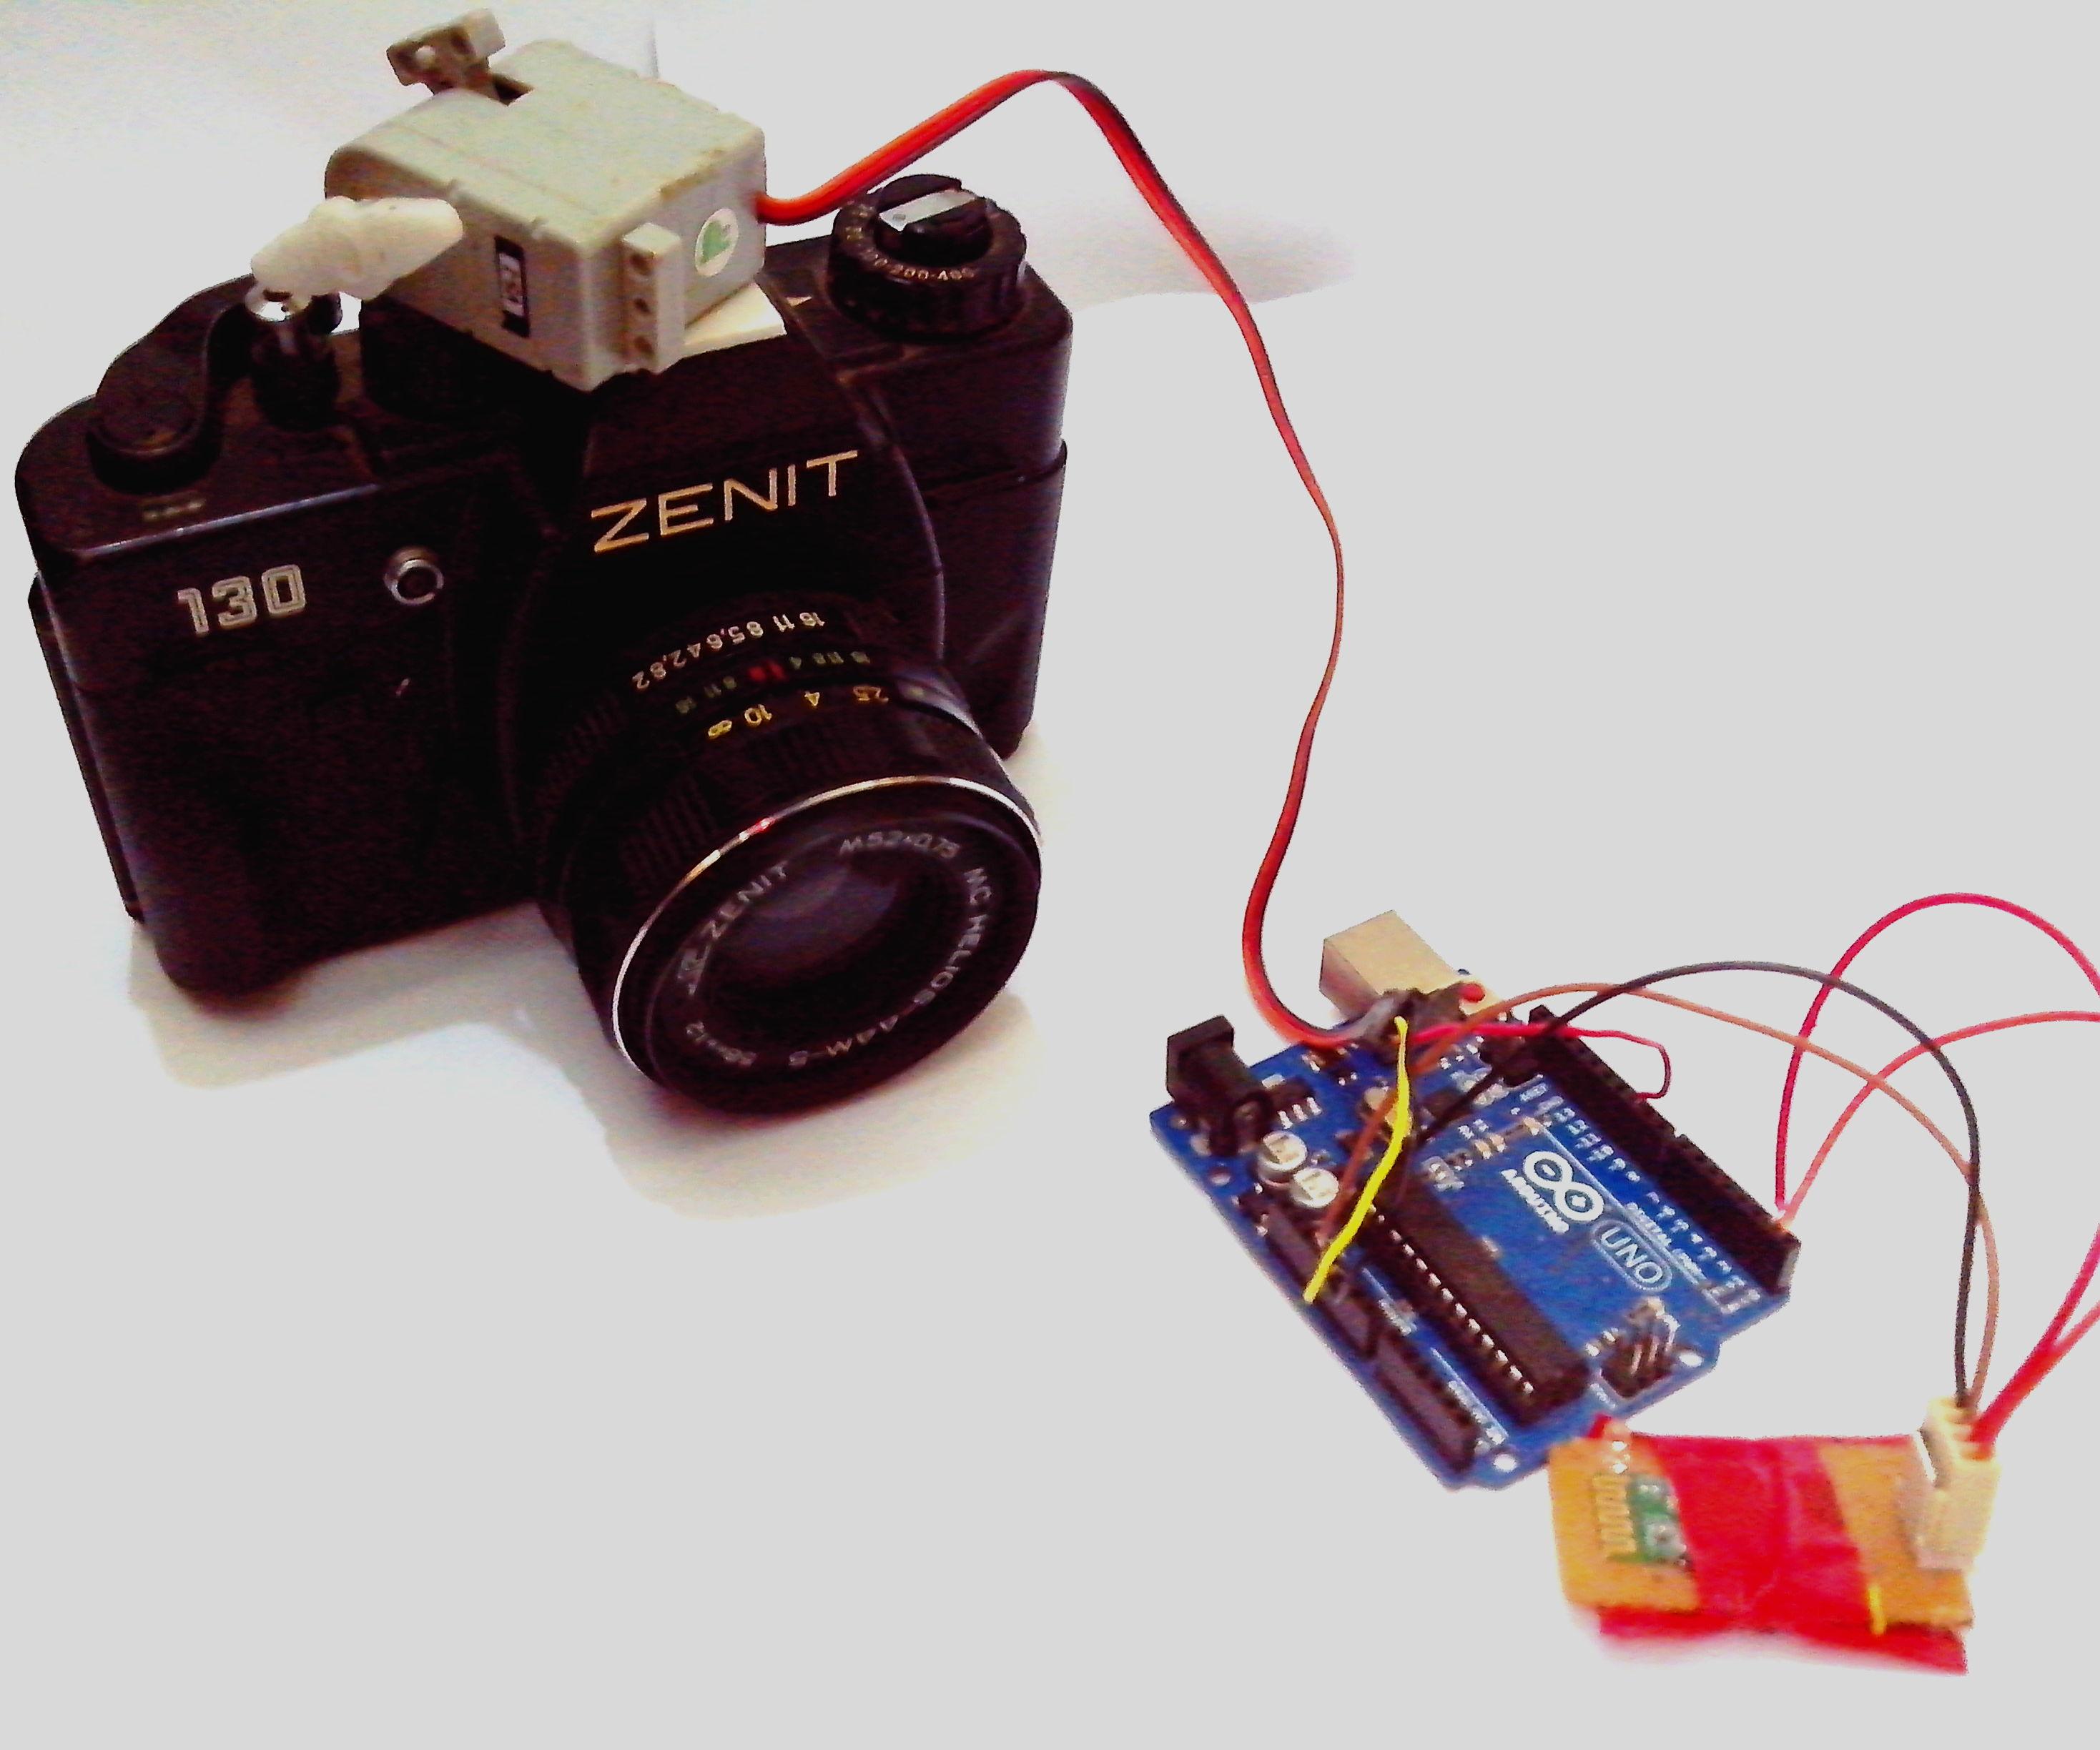 BLUETOOTH (Mobile) triggered camera